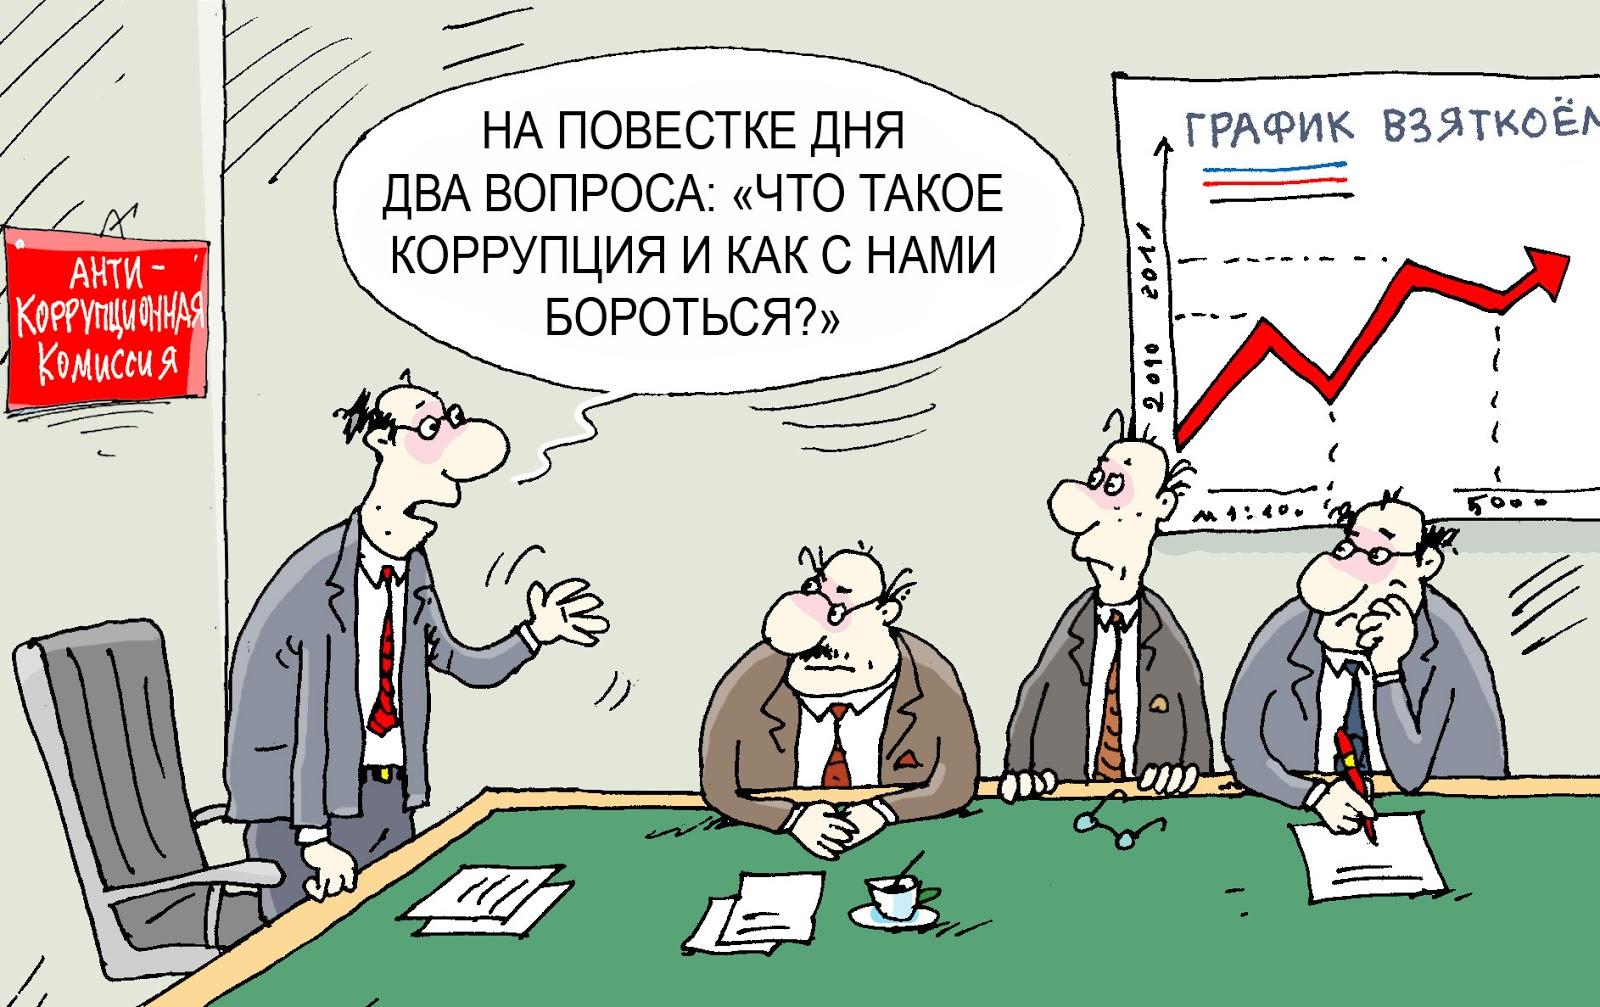 СМИ: Трамп помог главному «реформатору» Украины с коррупционными схемами. Дожились!